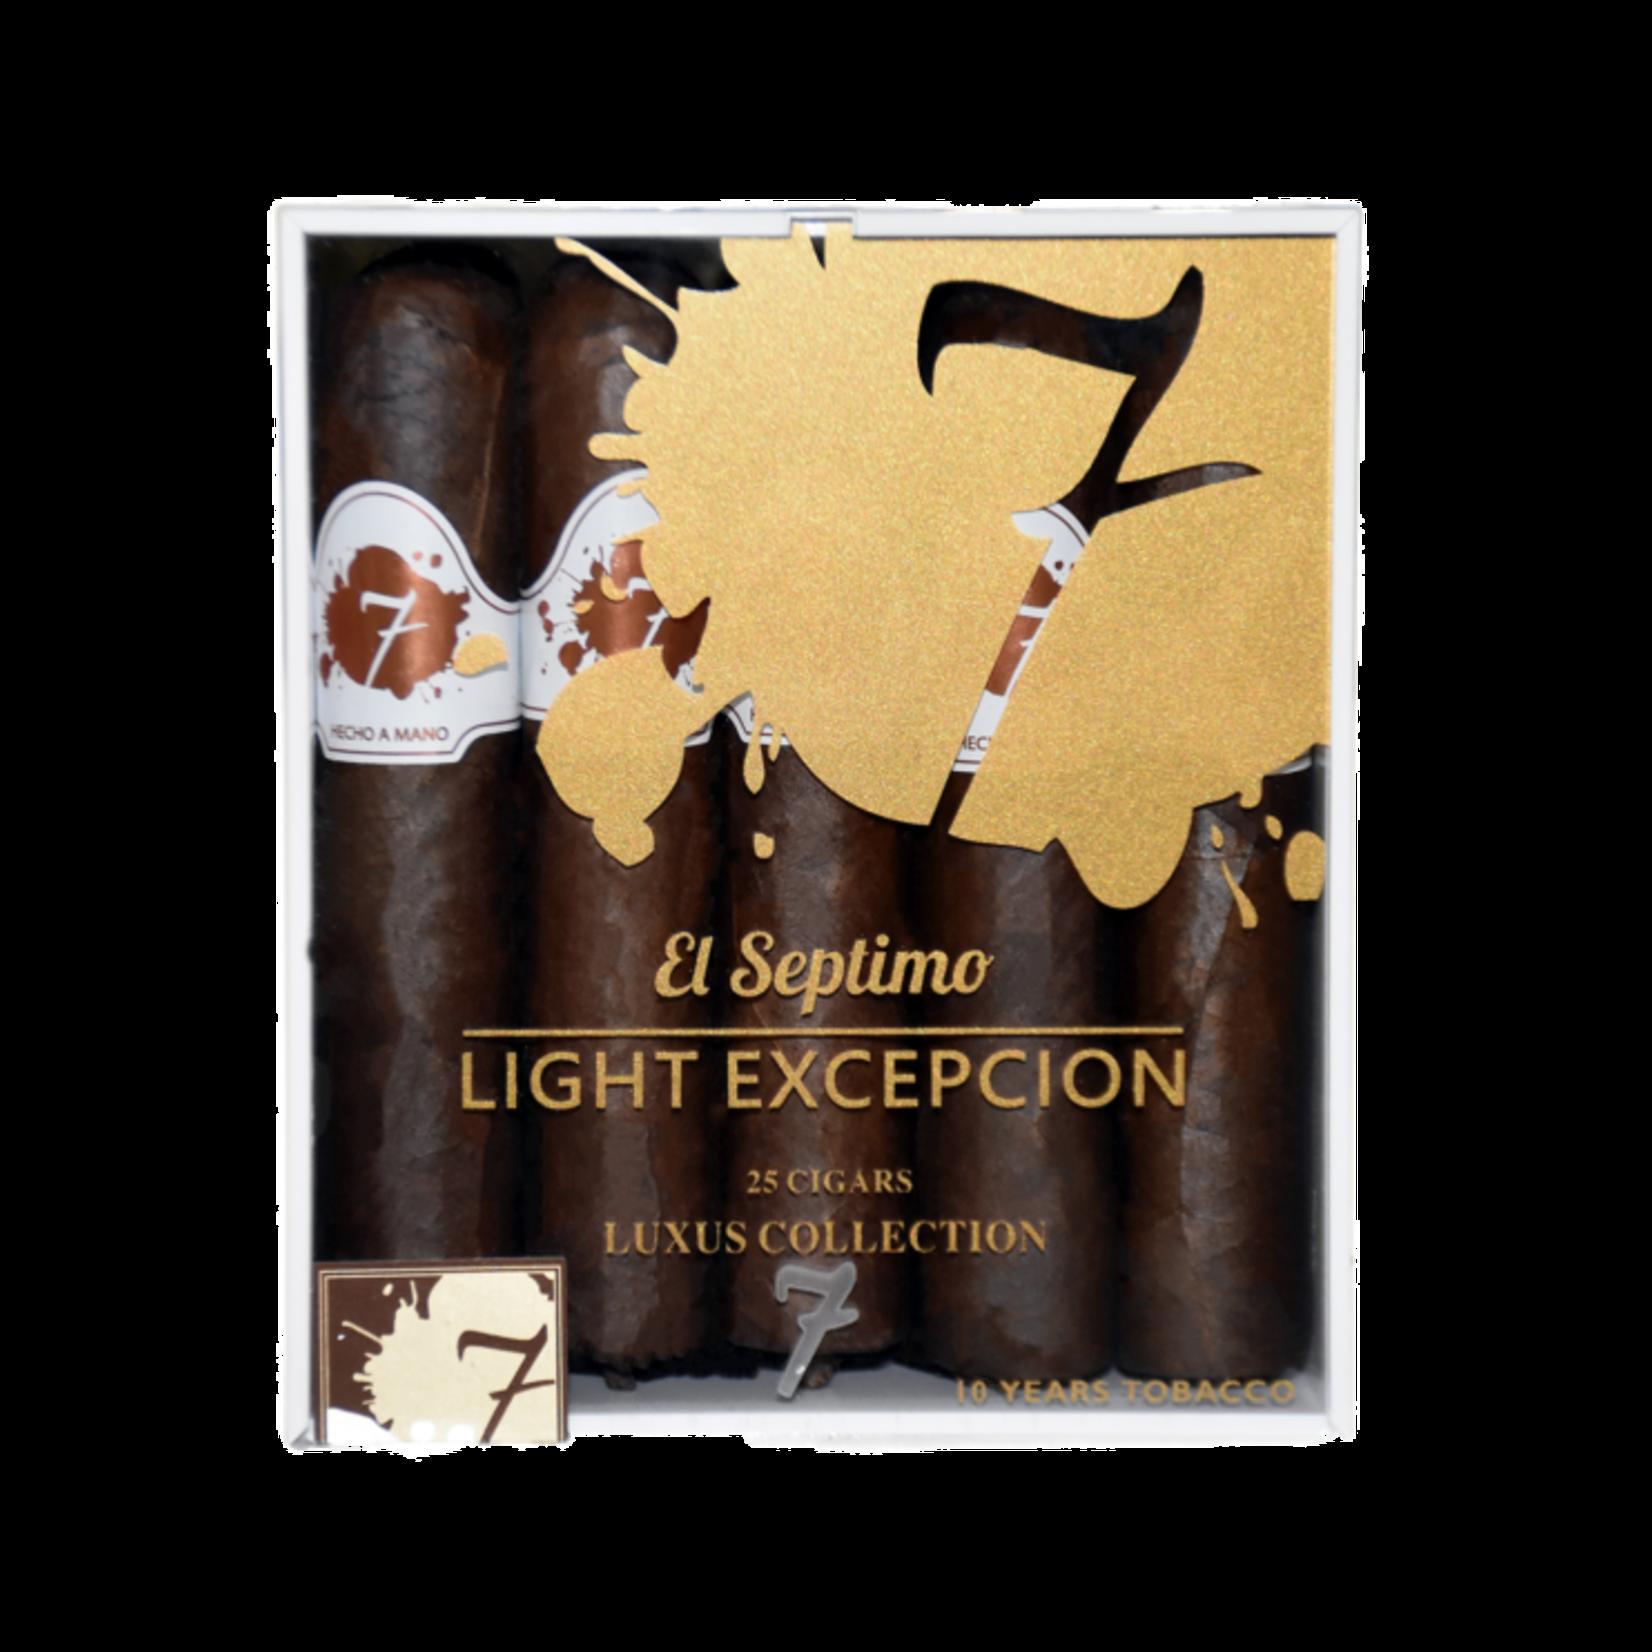 El Septimo Cigars Excepcion White